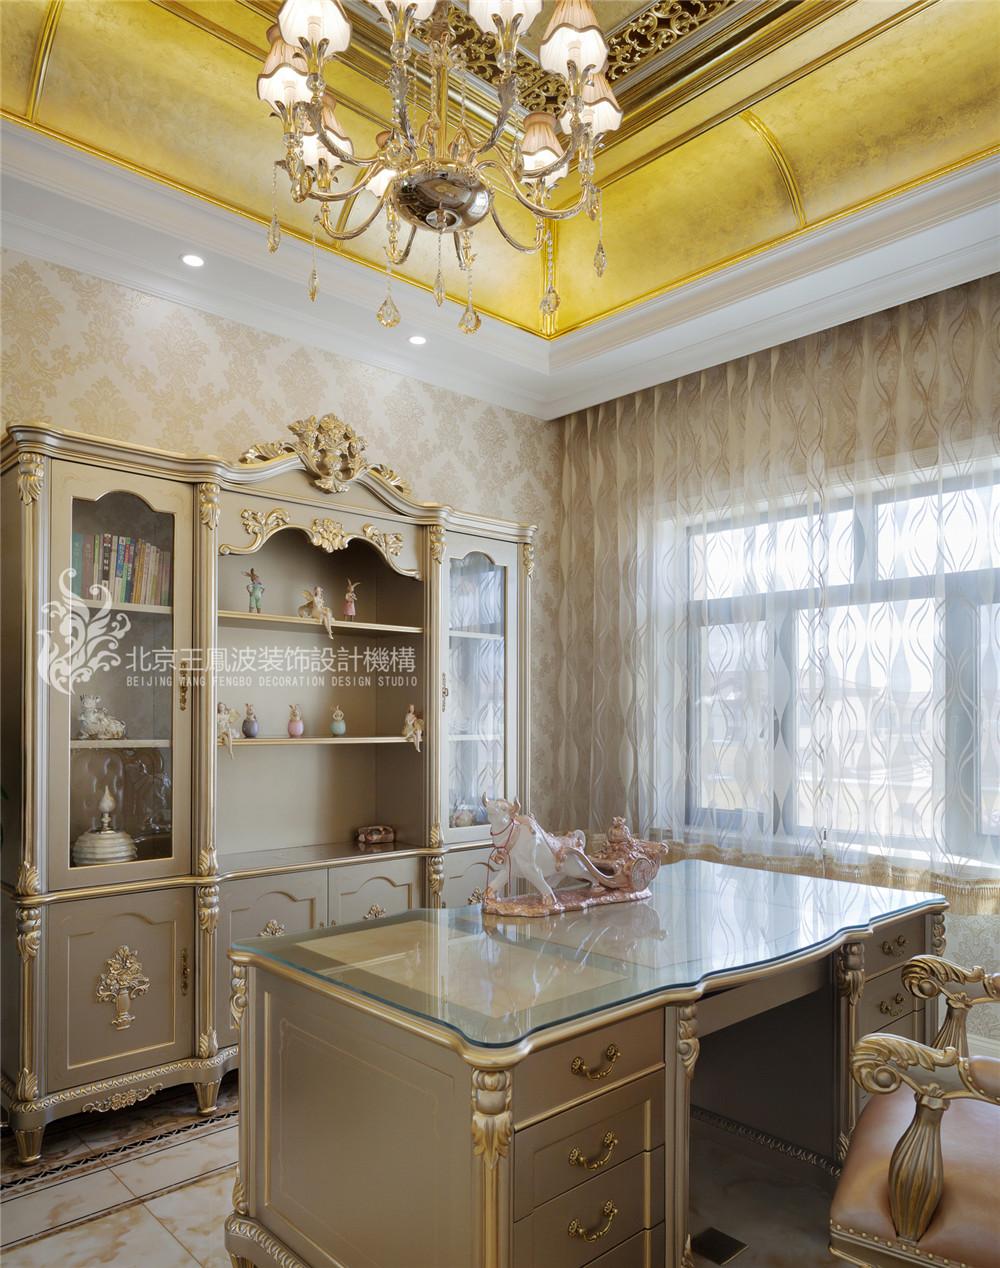 乌兰浩特碧 欧式别墅设 470平 三居 别墅 欧式 书房图片来自王凤波设计机构在乌兰浩特碧桂园二欧式别墅设计的分享